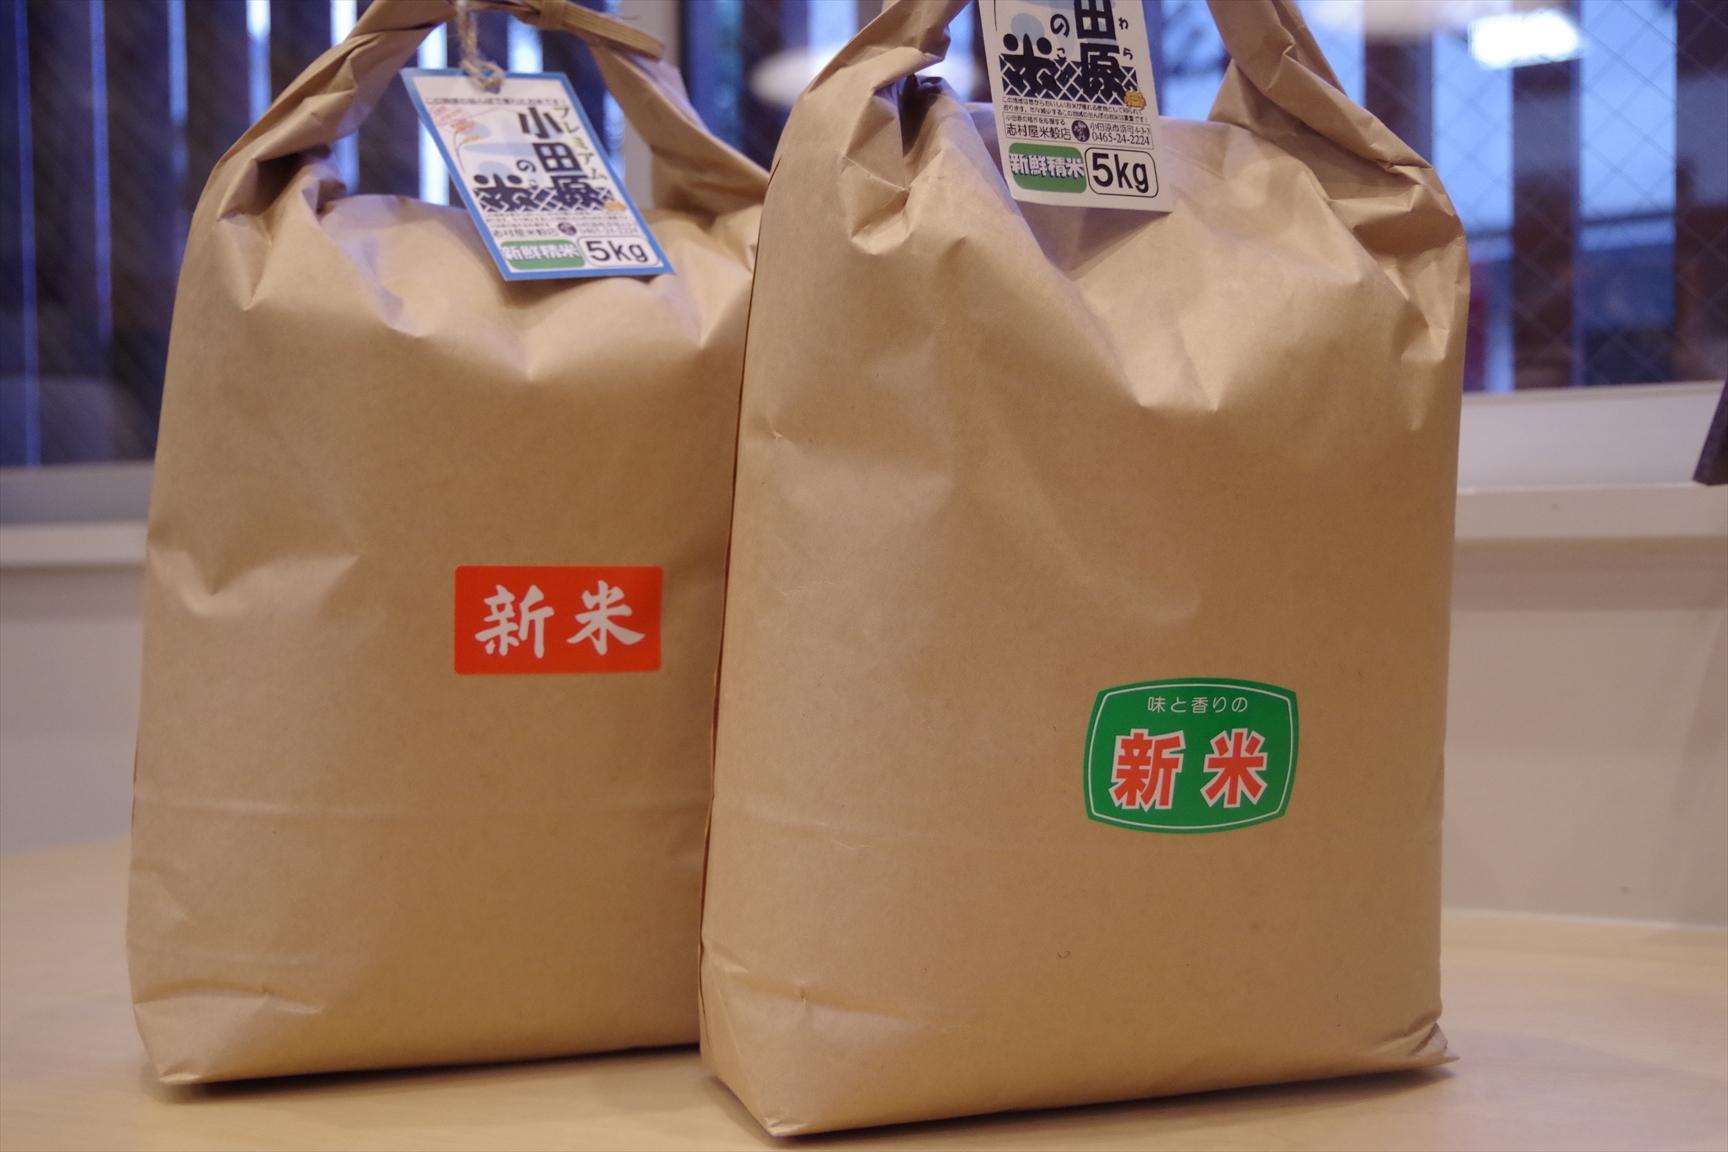 【小田原の米】 伊豆や箱根方面へ行く際に通過する『小田原』…そこで獲れたお米です。 小田原で獲れたお米がこんなにおいしいとは… とビックリされる方が多いです!ぜひ一度お試しください!